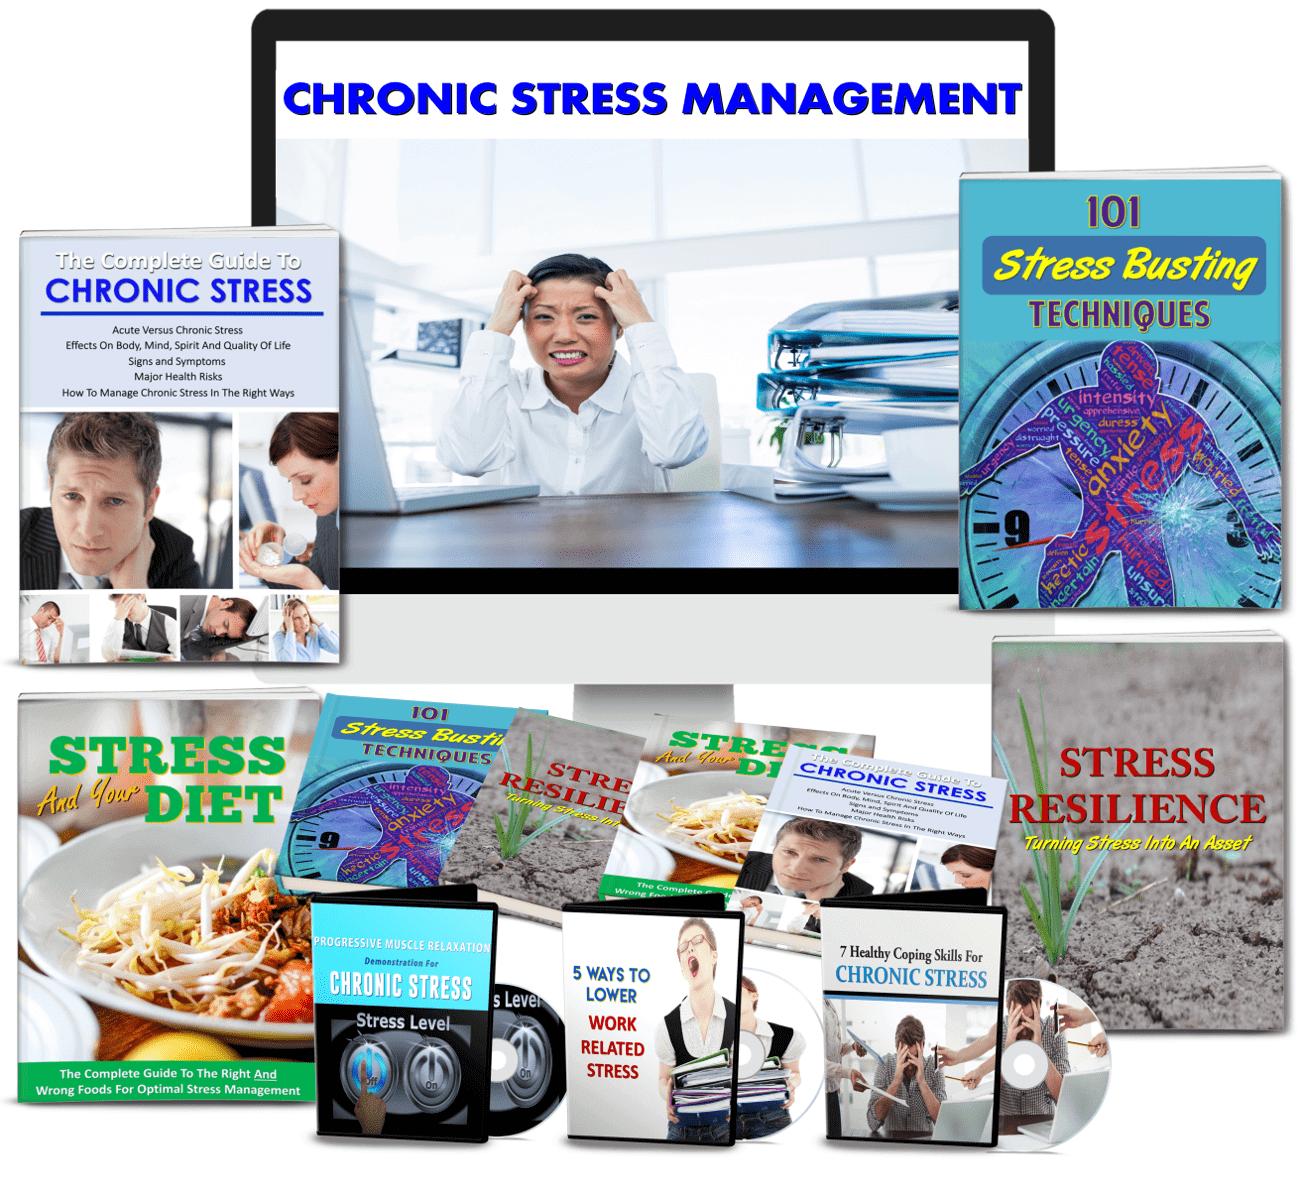 Chronic Stress Management PLR package